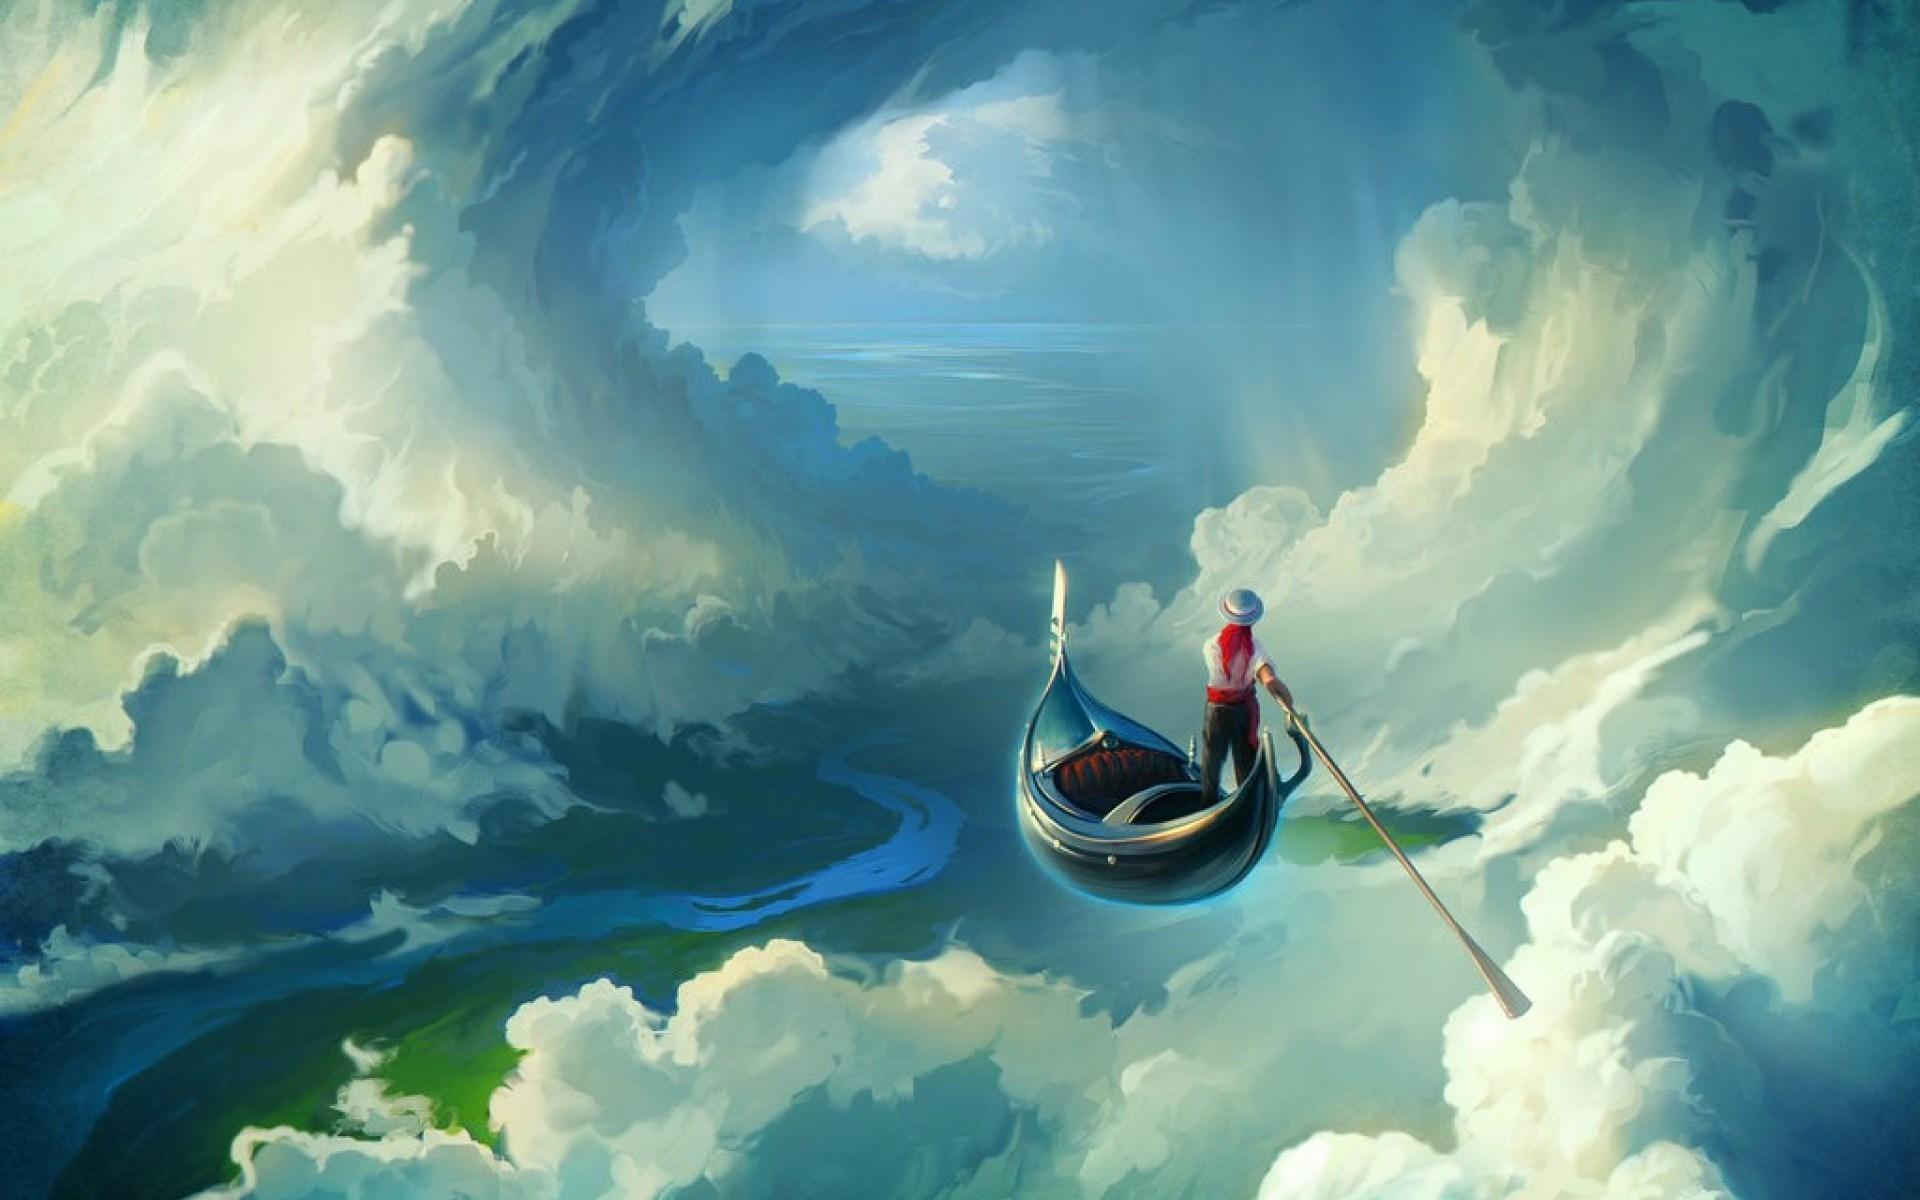 картинки в небо за мечтой легенде, здесь случилась